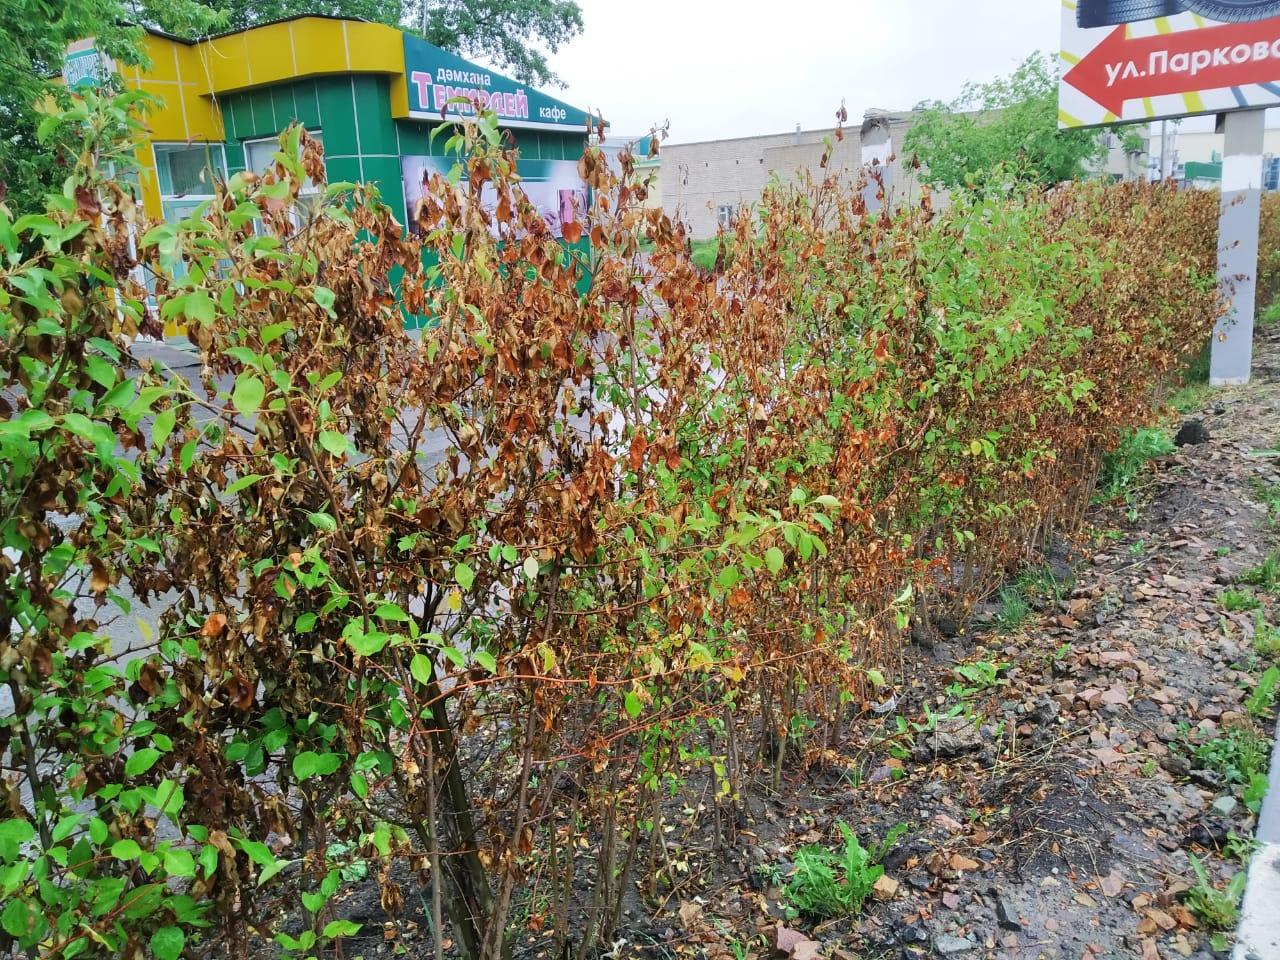 Провалы в озеленении Петропавловска